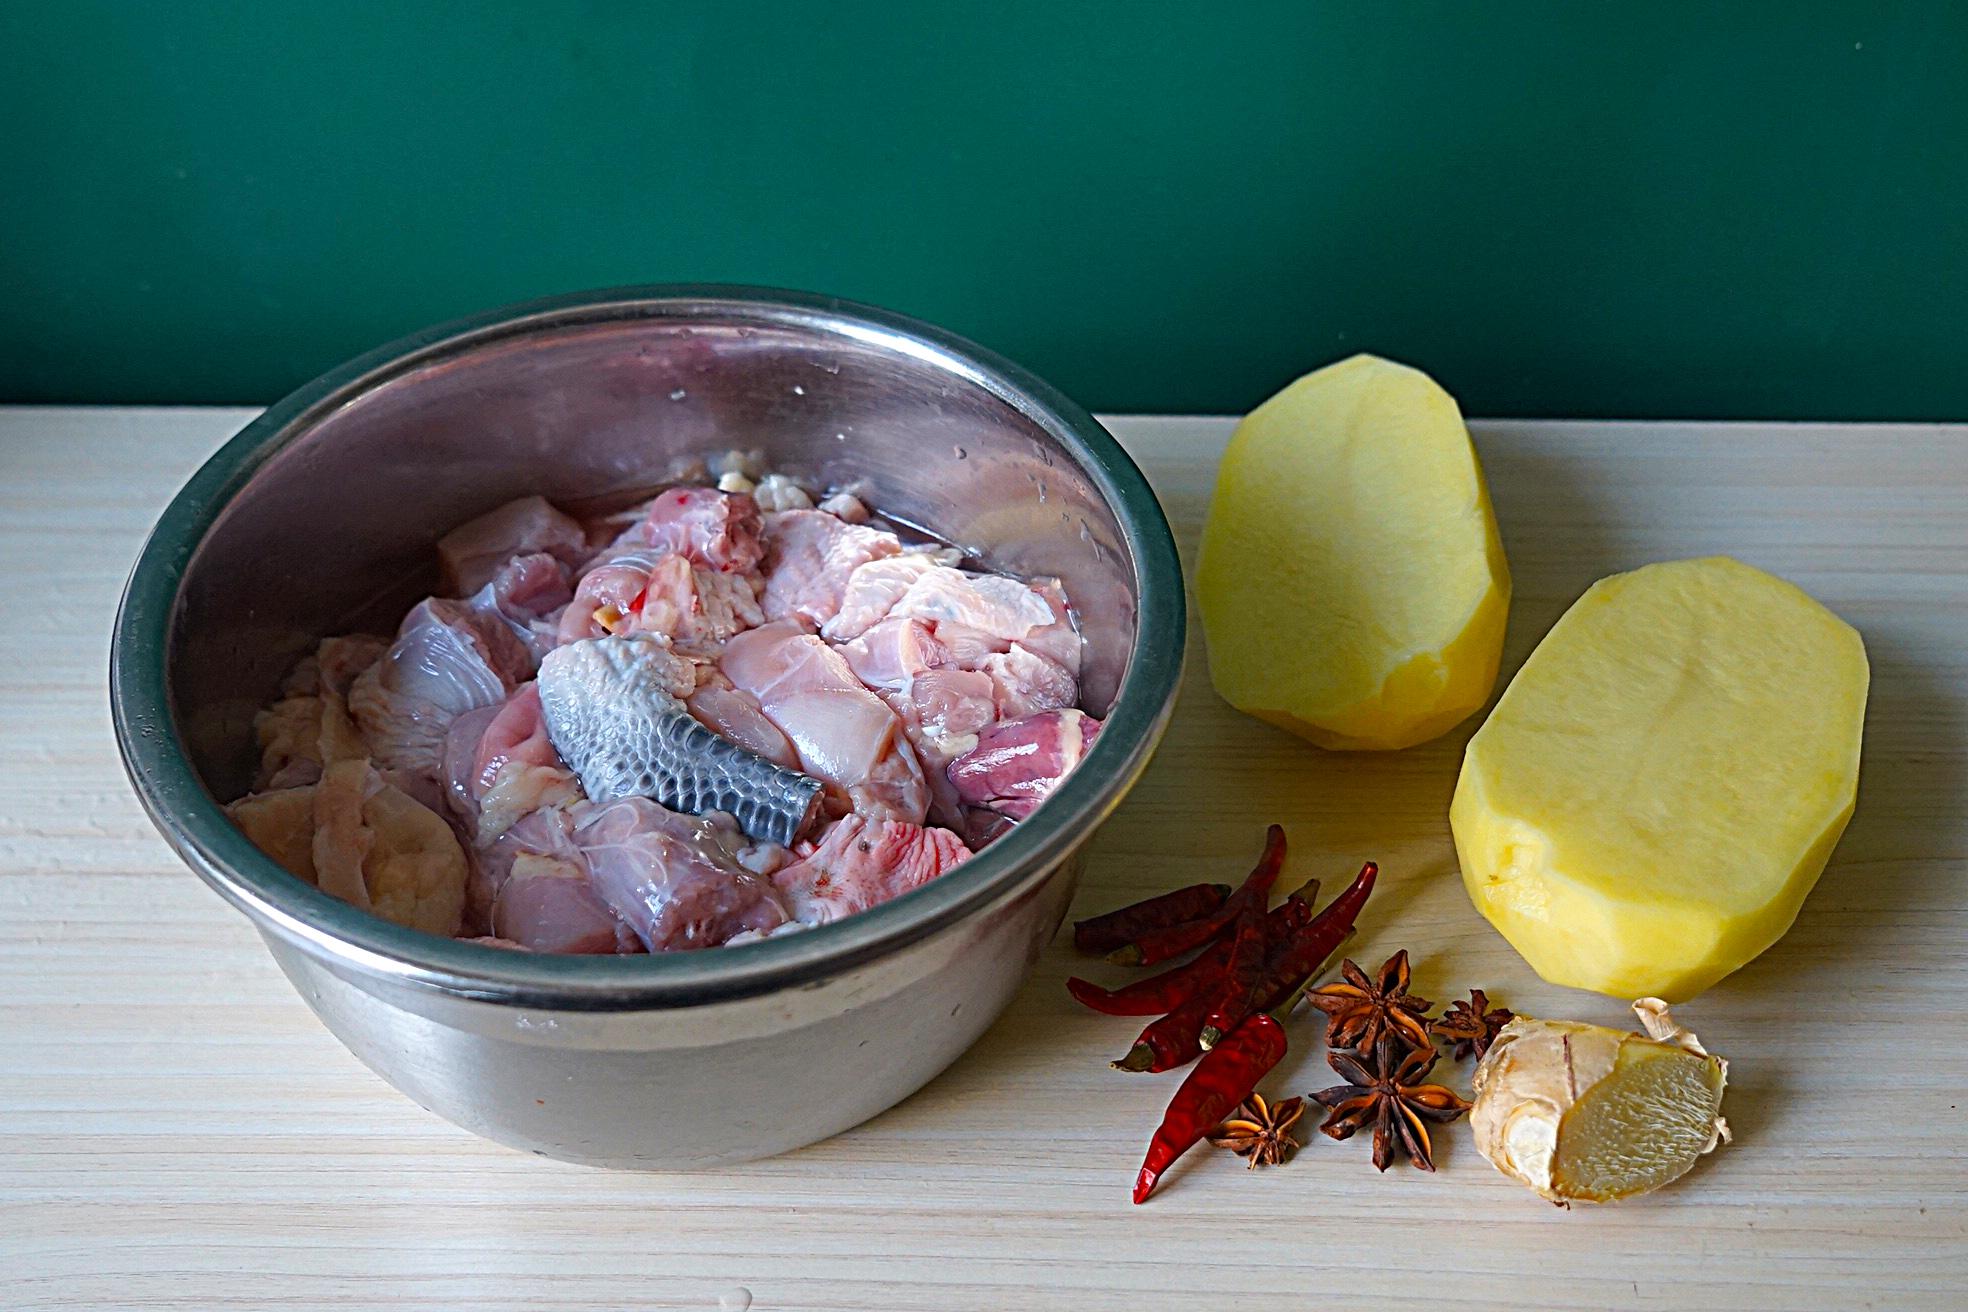 冬季,天冷试试给家人炖这菜,鲜香入味又解馋,我家一周吃一次